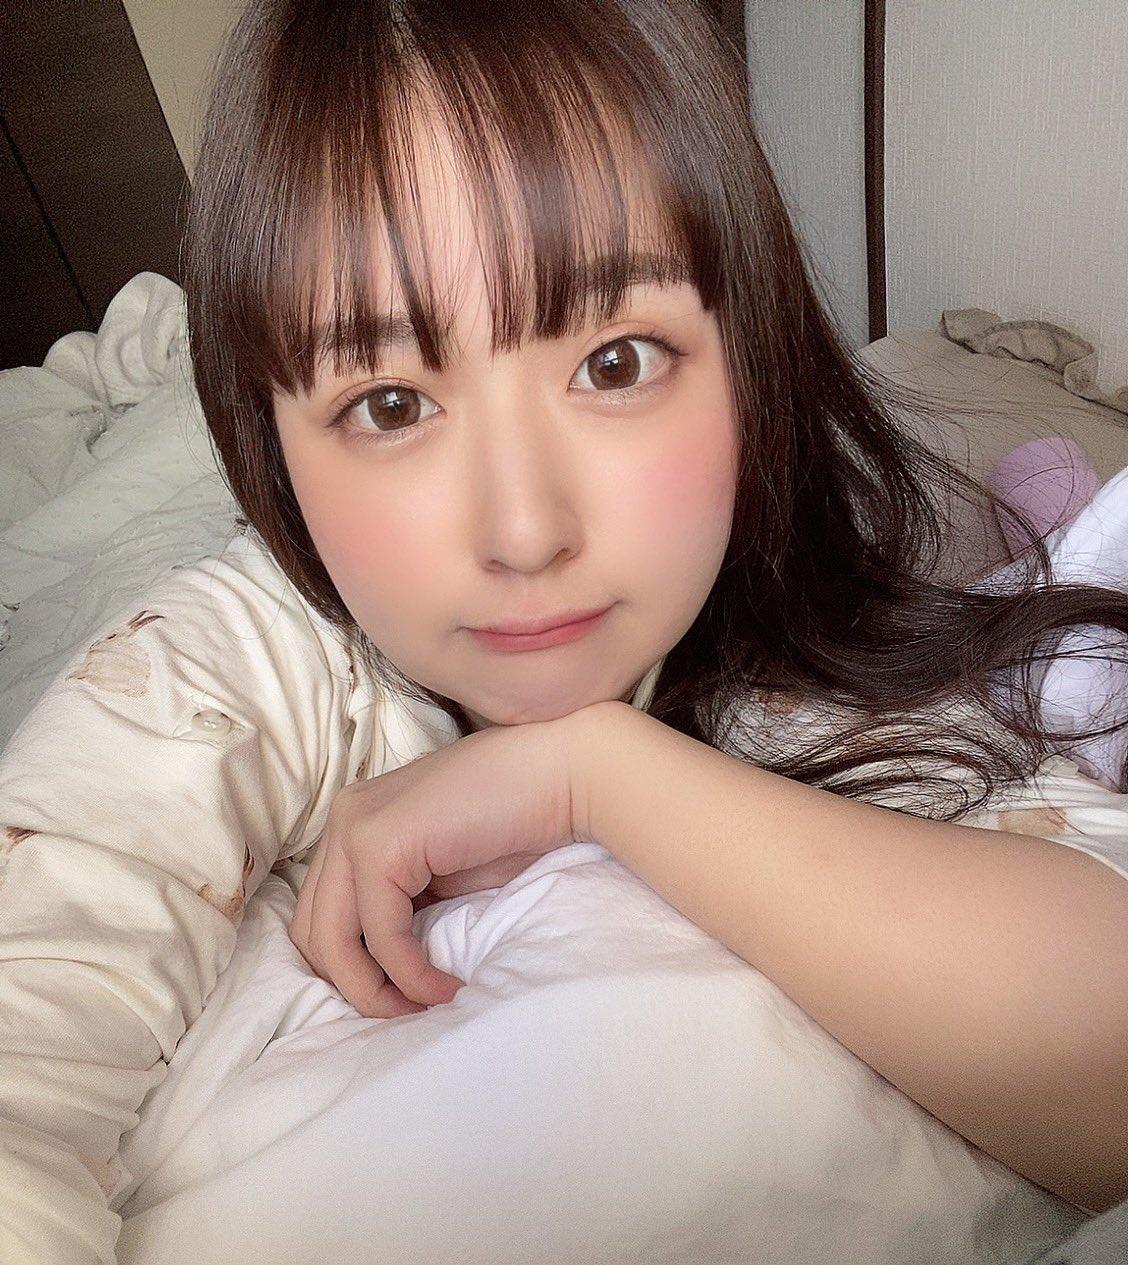 【桃尻かなめエロ画像】美巨乳で下も名前通りな極上スタイル美少女・桃尻かなめ!